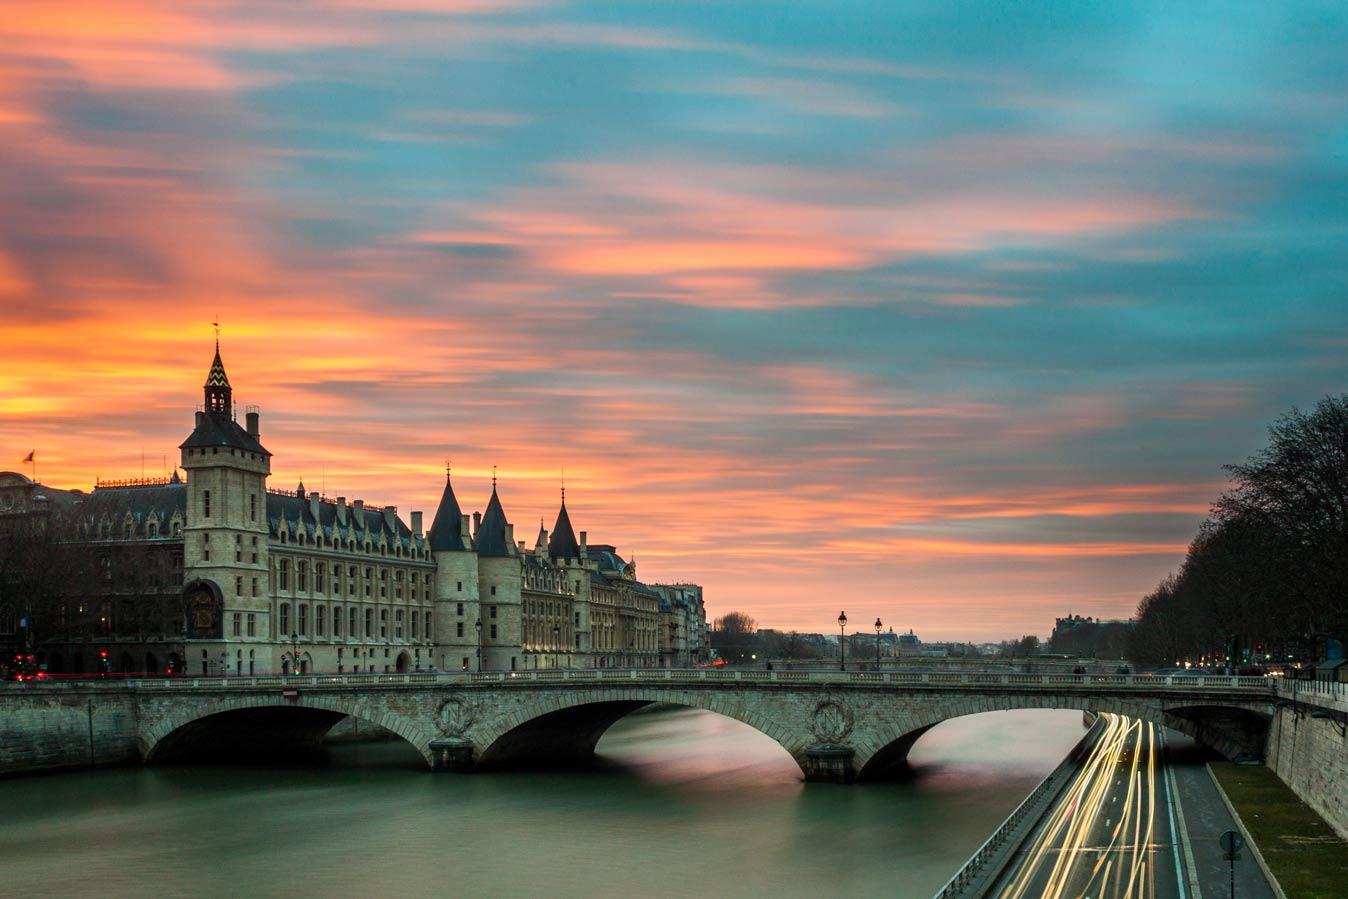 Бренд Парижа оказался самым привлекательным в мире для туристов, на 10-м месте рейтинга Москва